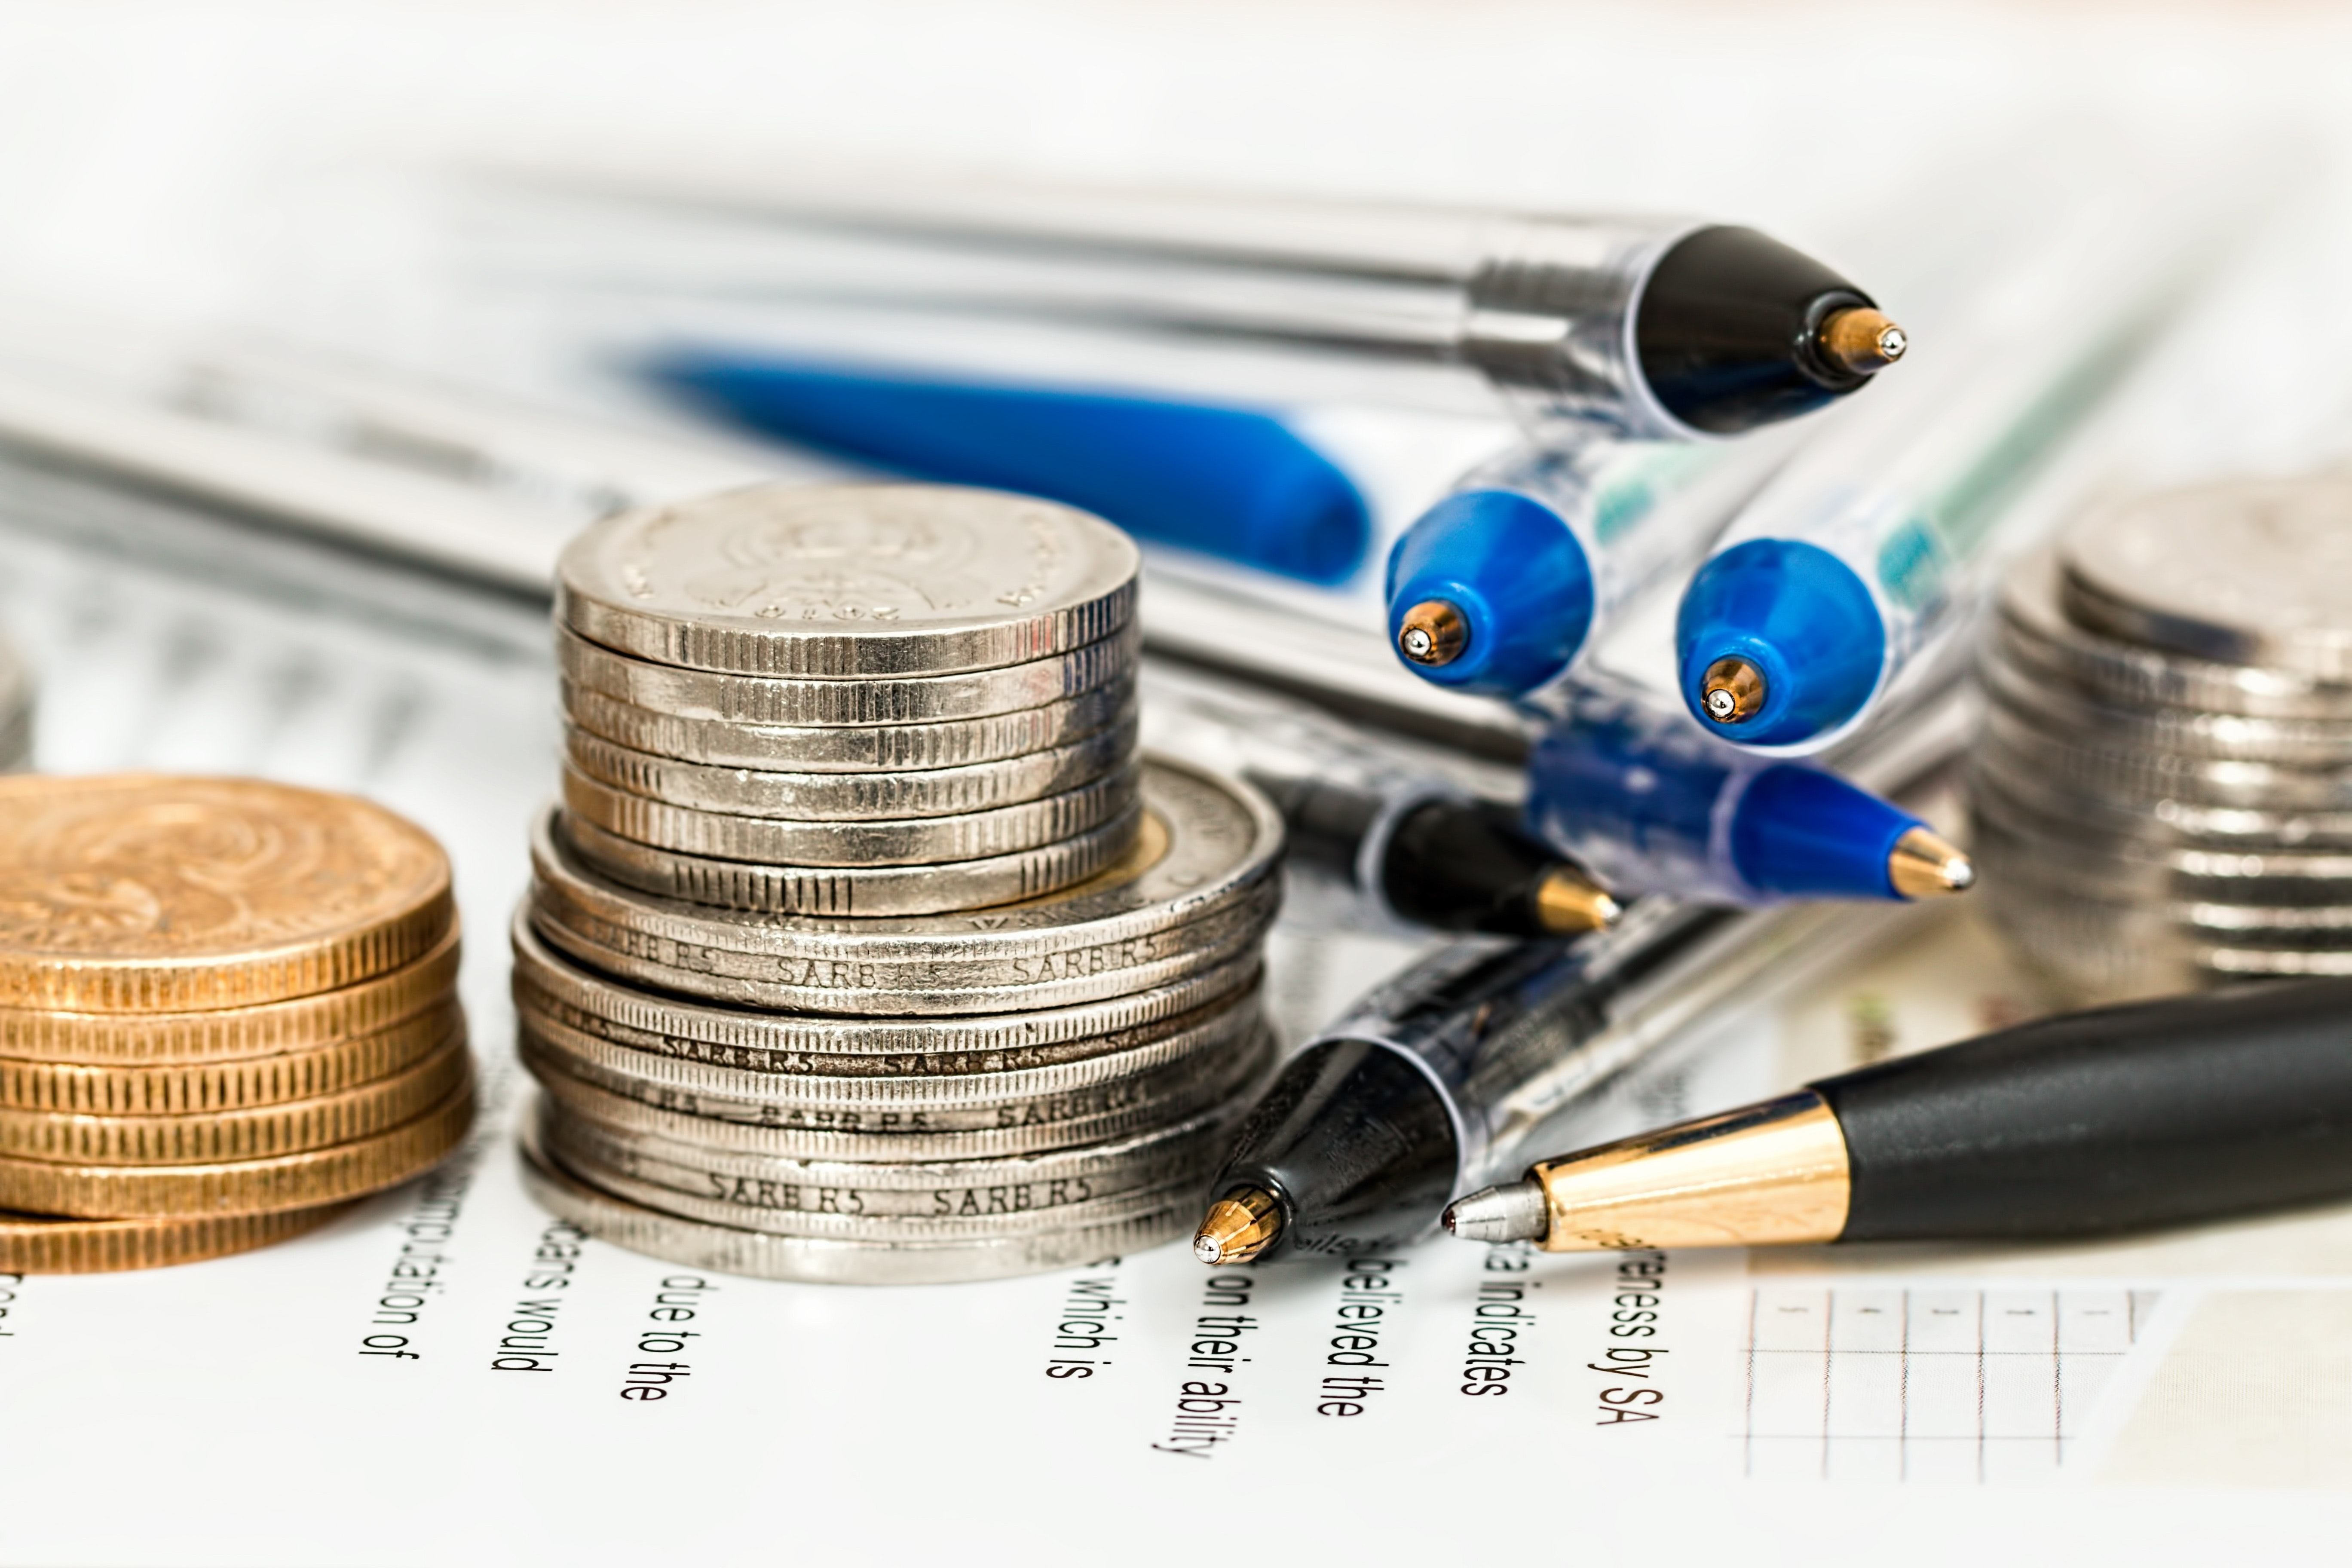 VAT od odsetek w leasingu finansowym, operacyjnym i pożyczce leasingowej